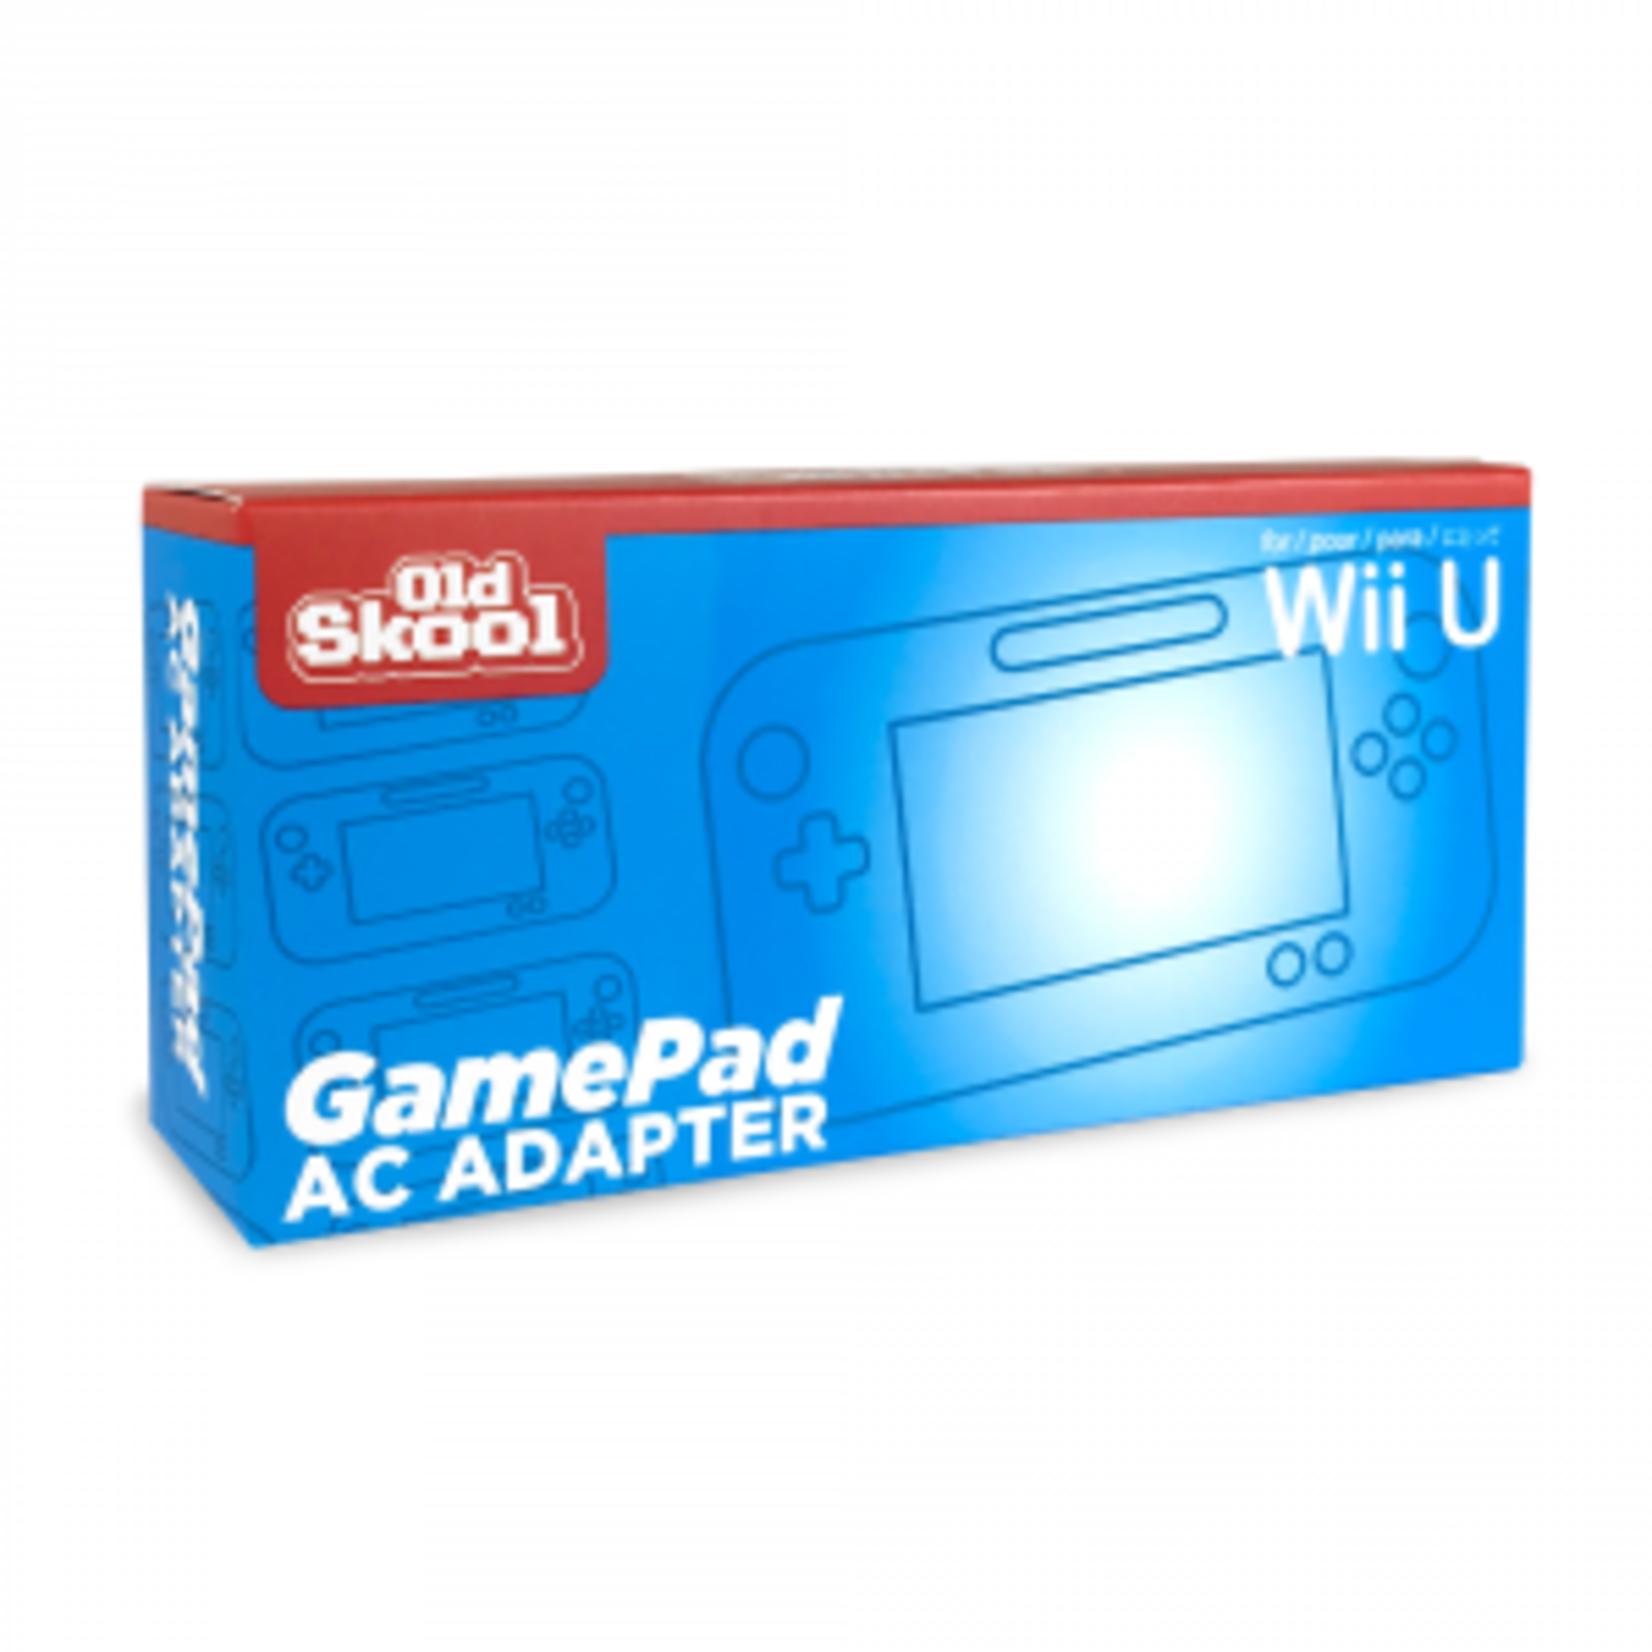 Wii U Game Pad AC Adapter - Old Skool